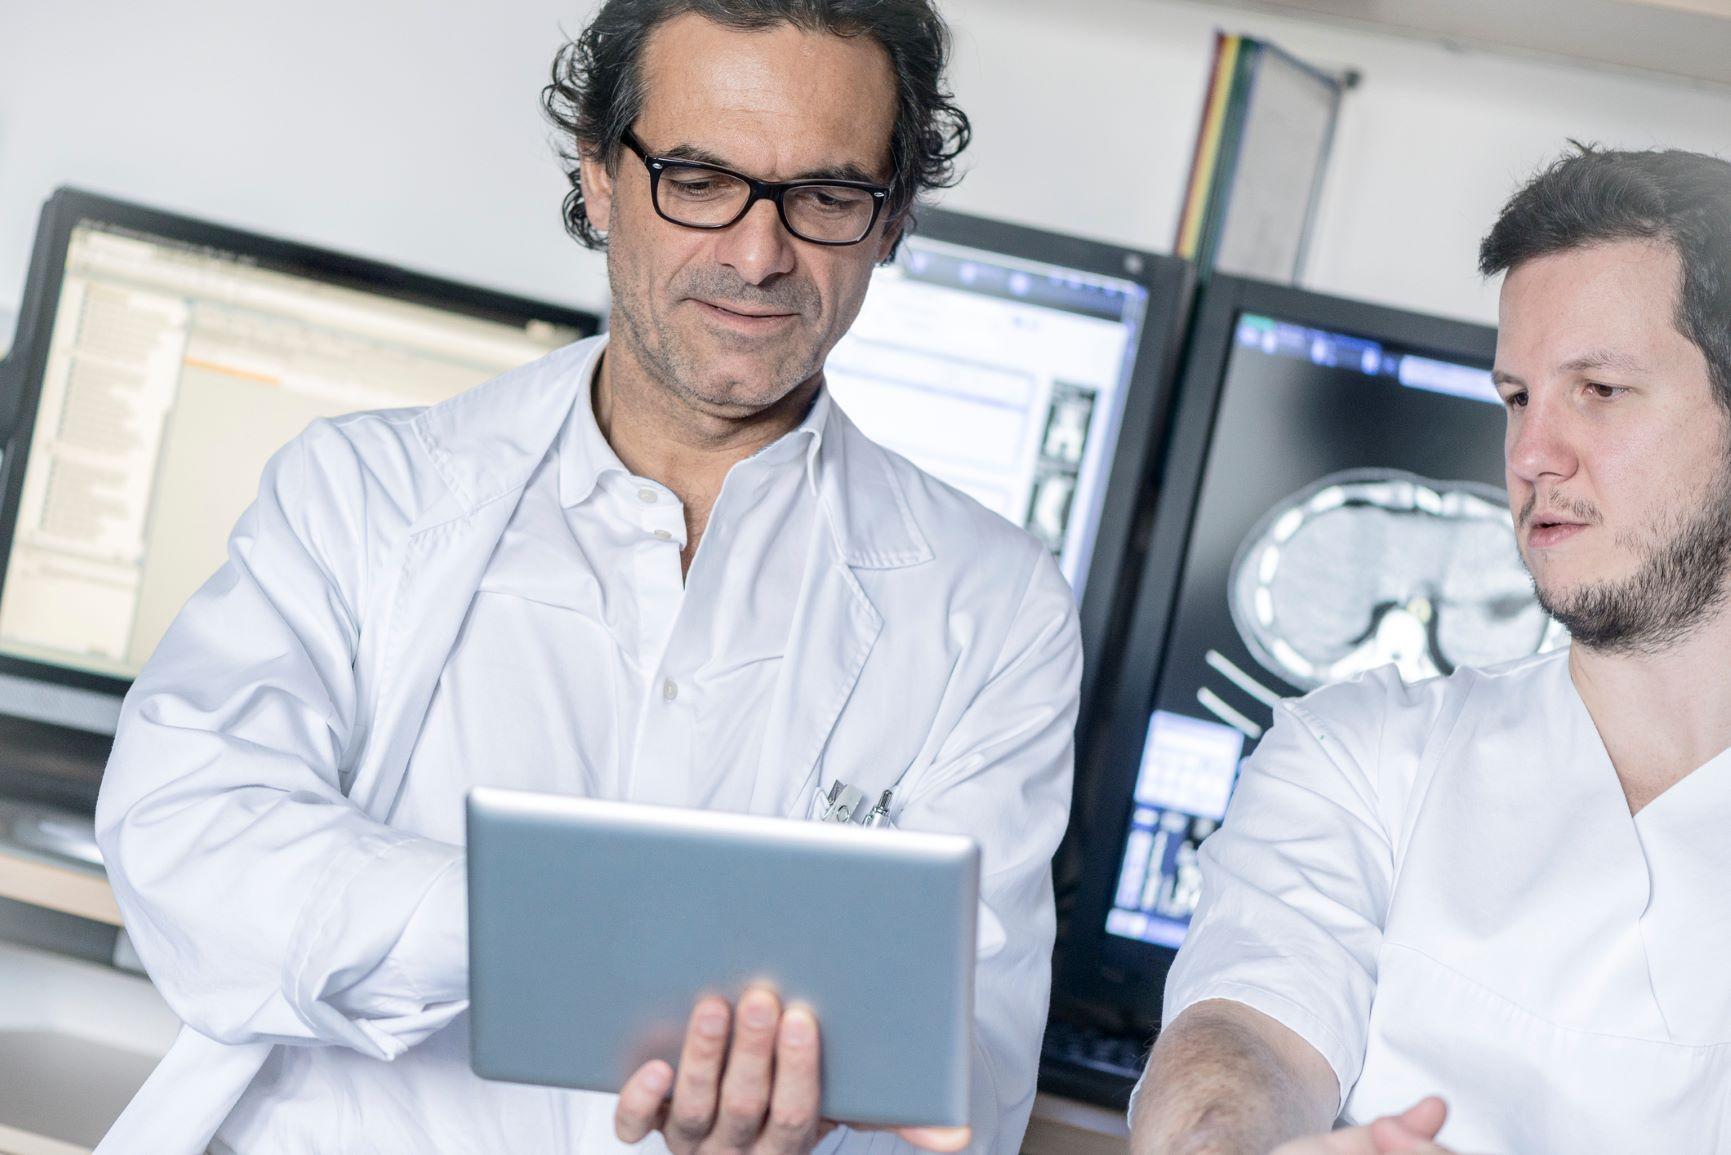 Patientenentertainment-Bildnachweis-SPIE